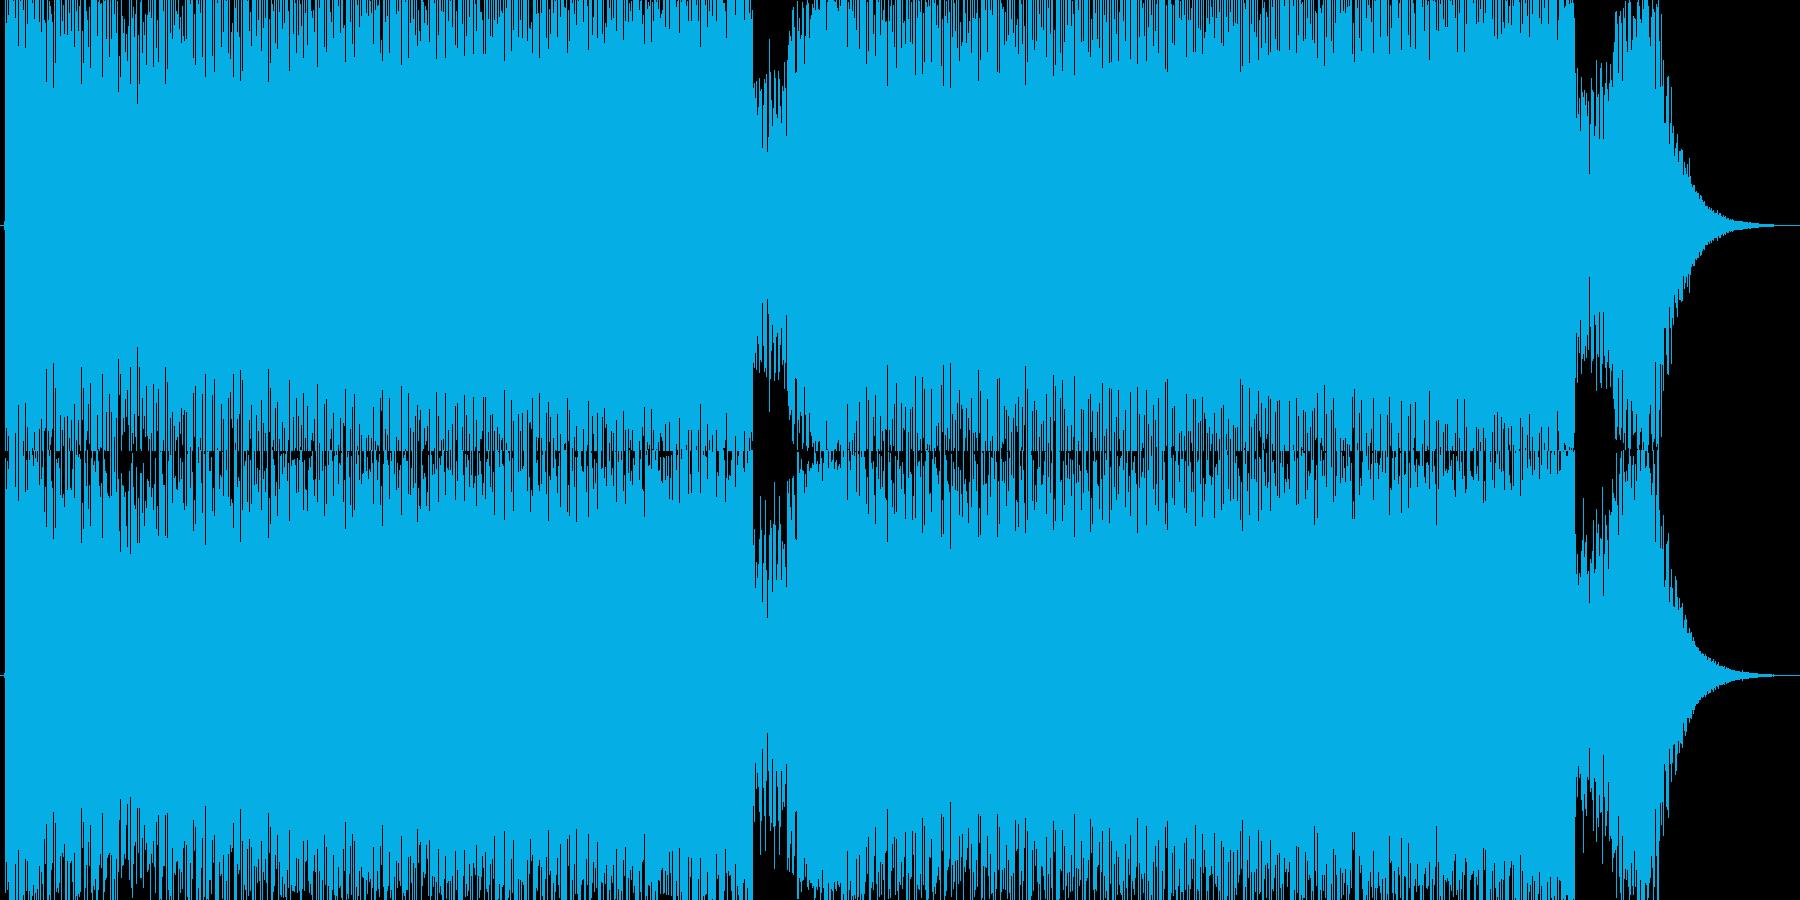 サイバーファンタジーな戦闘BGMの再生済みの波形